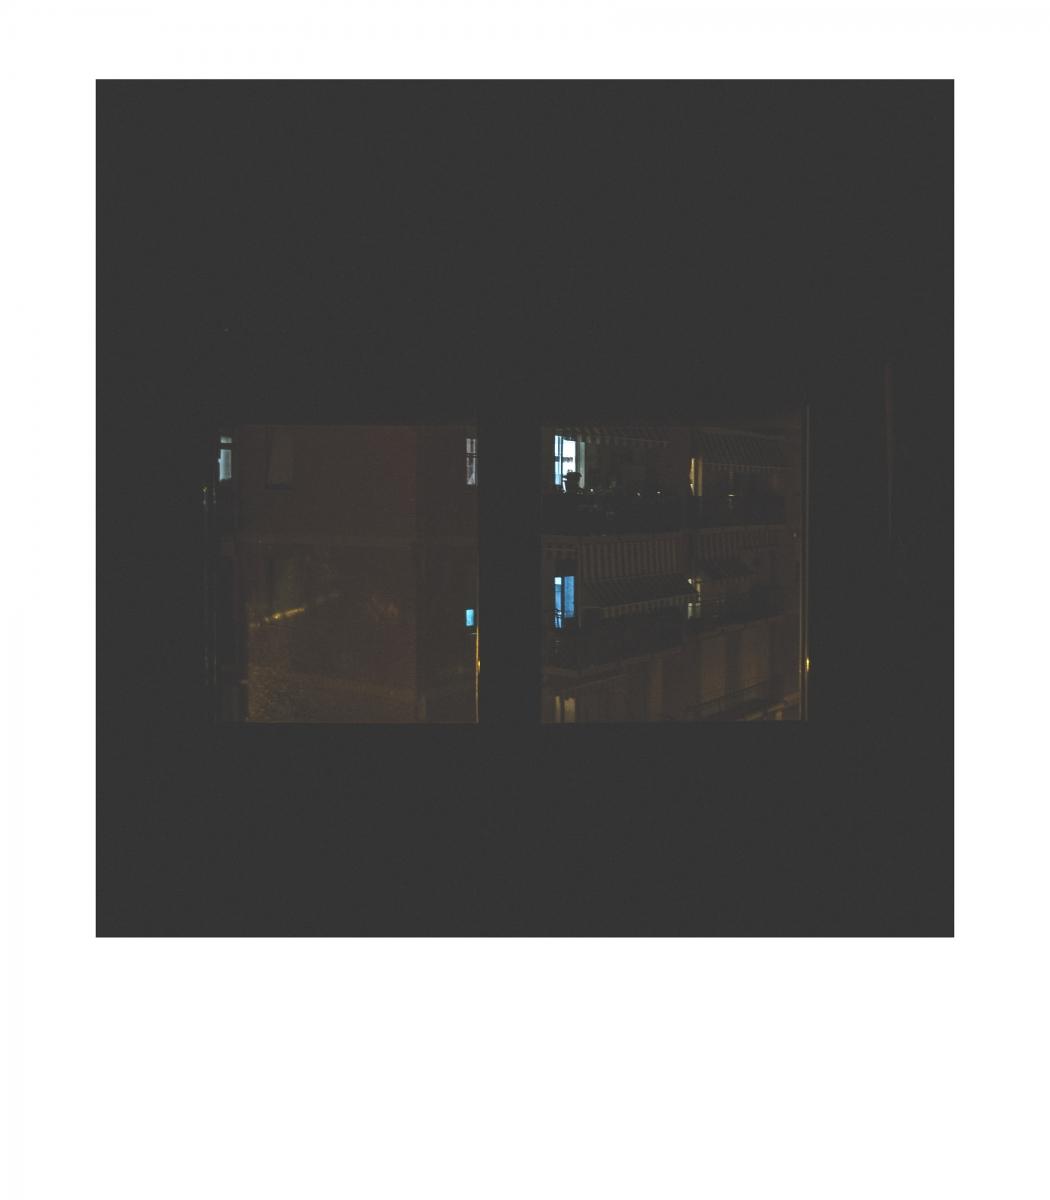 1_10-DSCF3831-P1-2